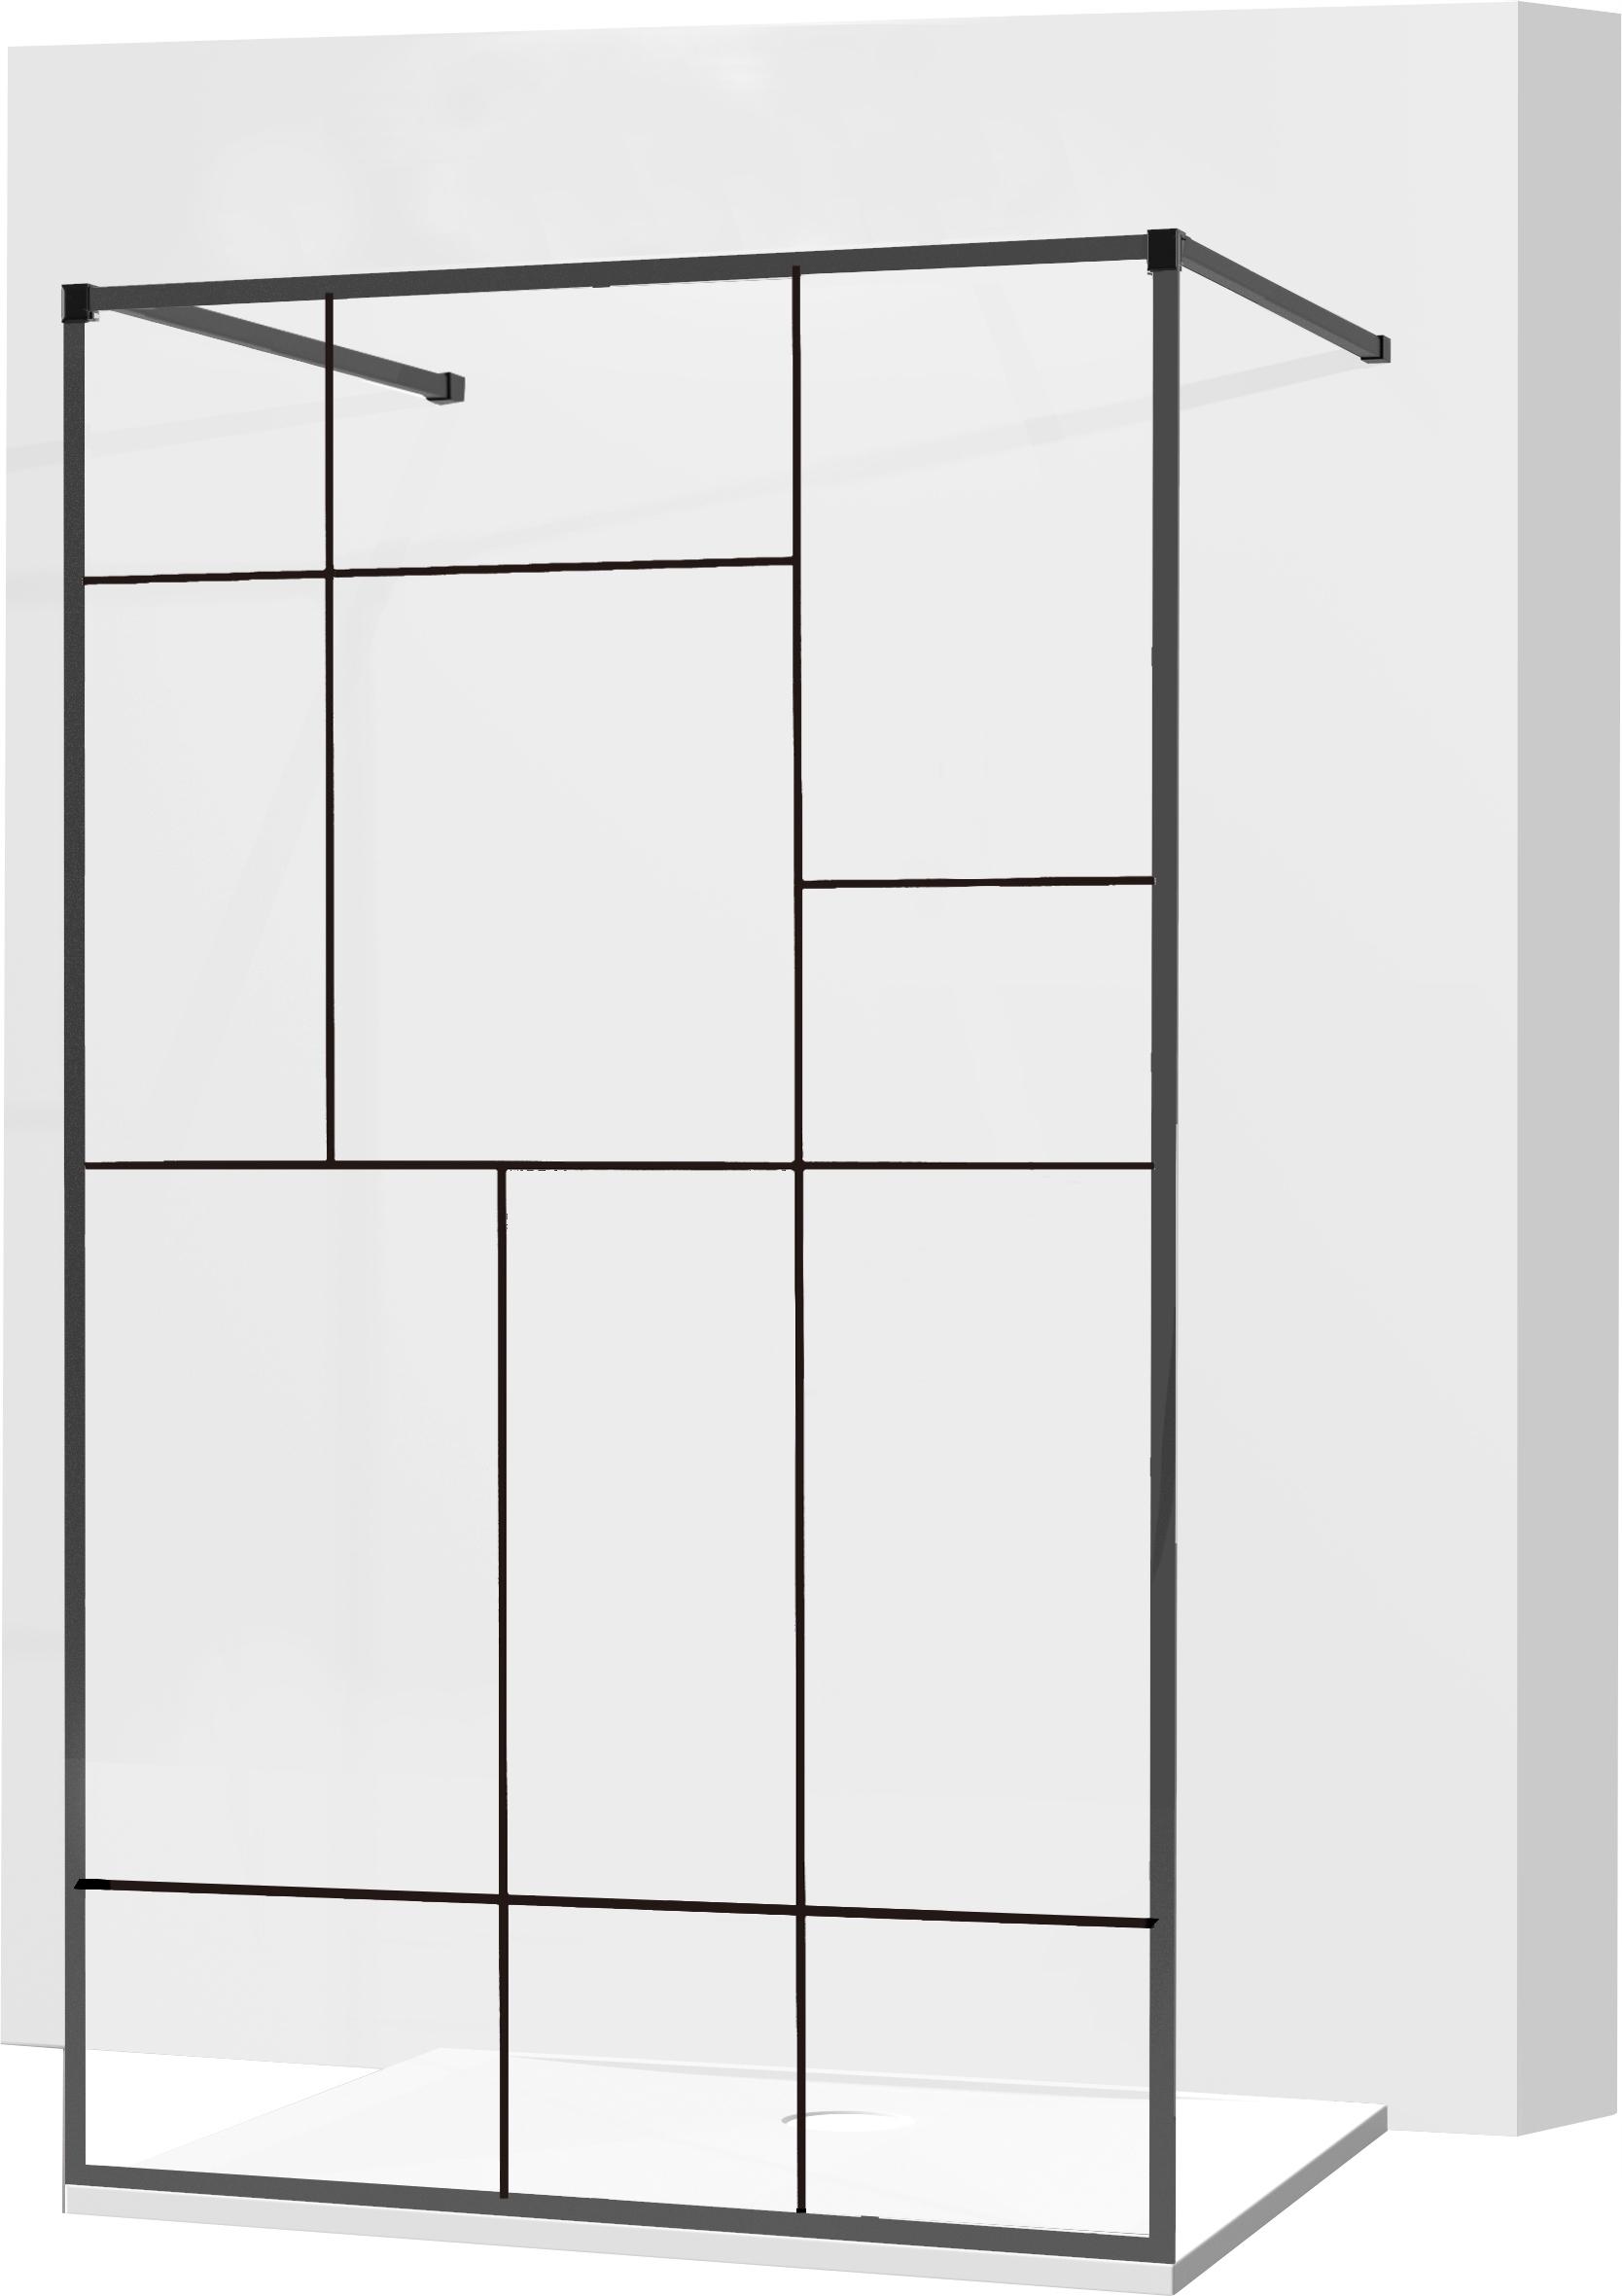 MEXEN KIOTO SPRCHOVÁ STENA 140x200 8mm sklo